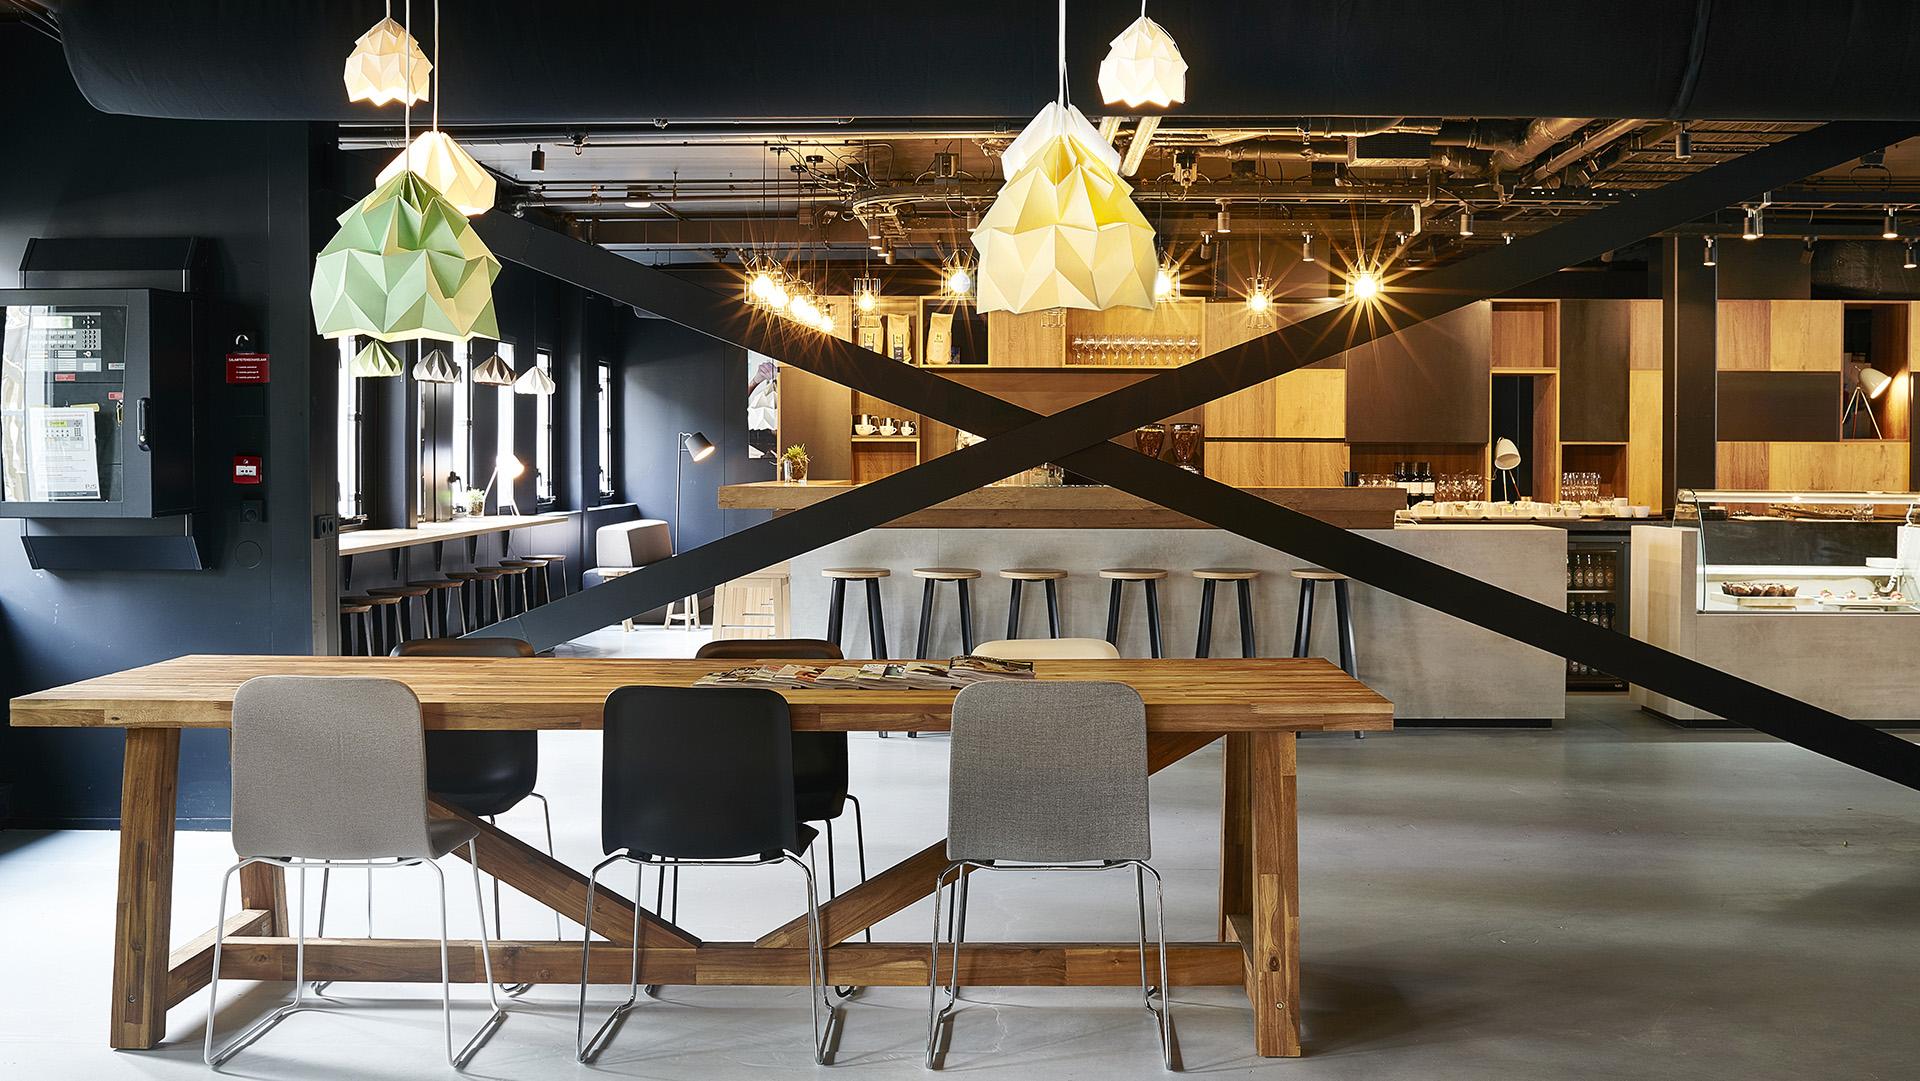 Good-Hotel-Amsterdam-Food-Table-Work-Area_307.jpg